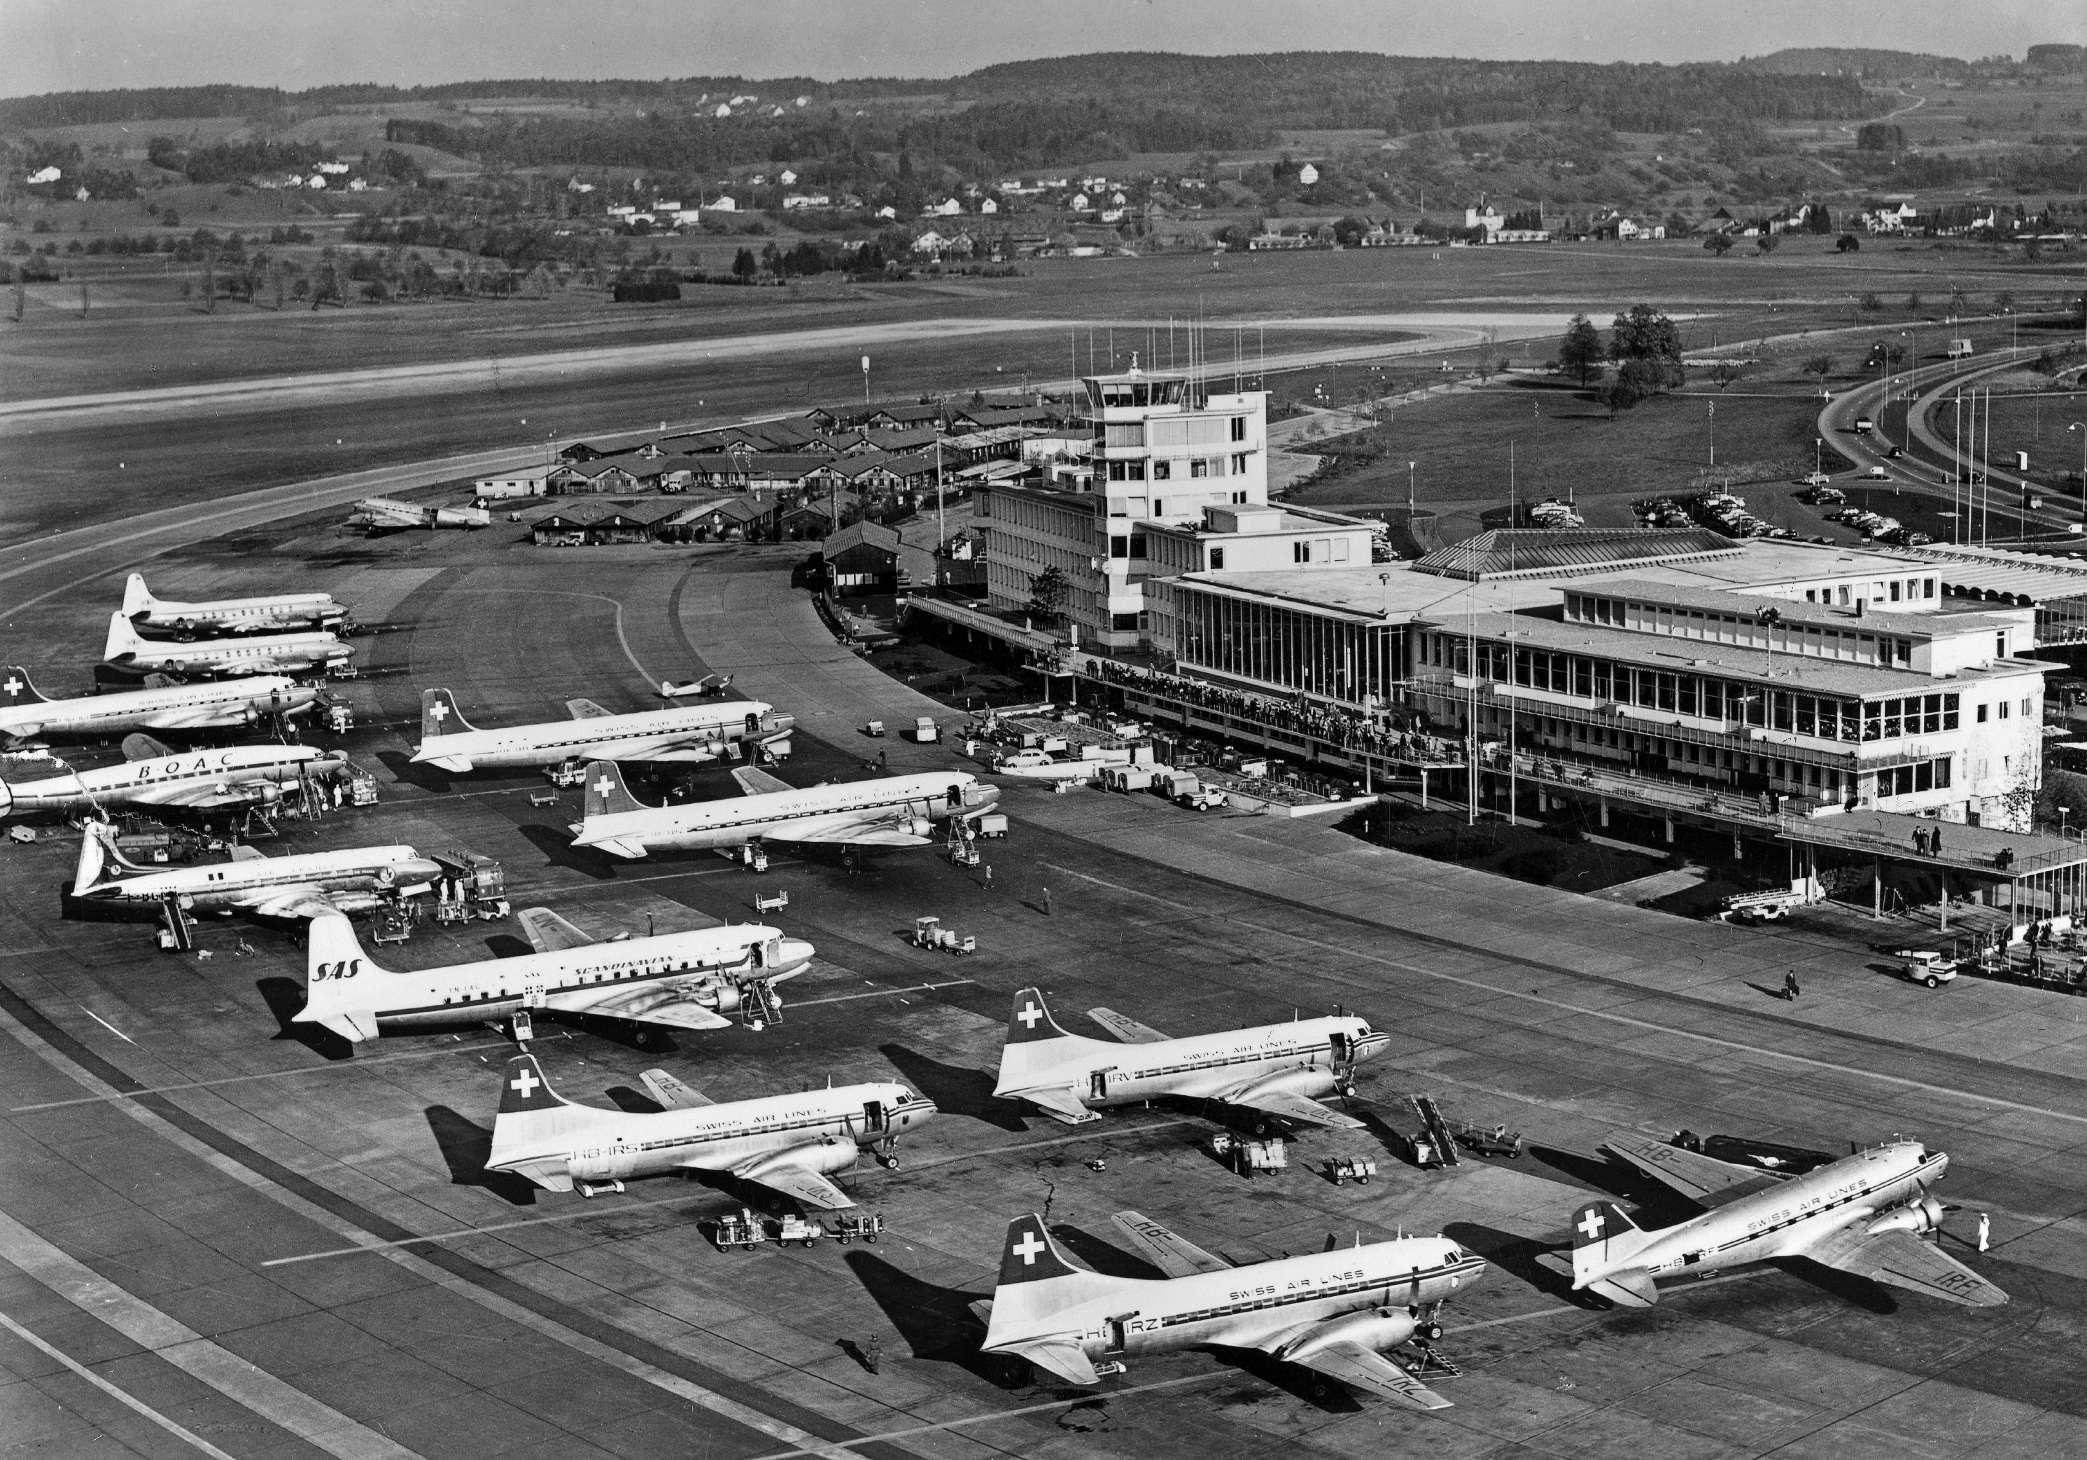 Aerial view Zurich Kloten Aiport, Swissair, BOAC, SAS